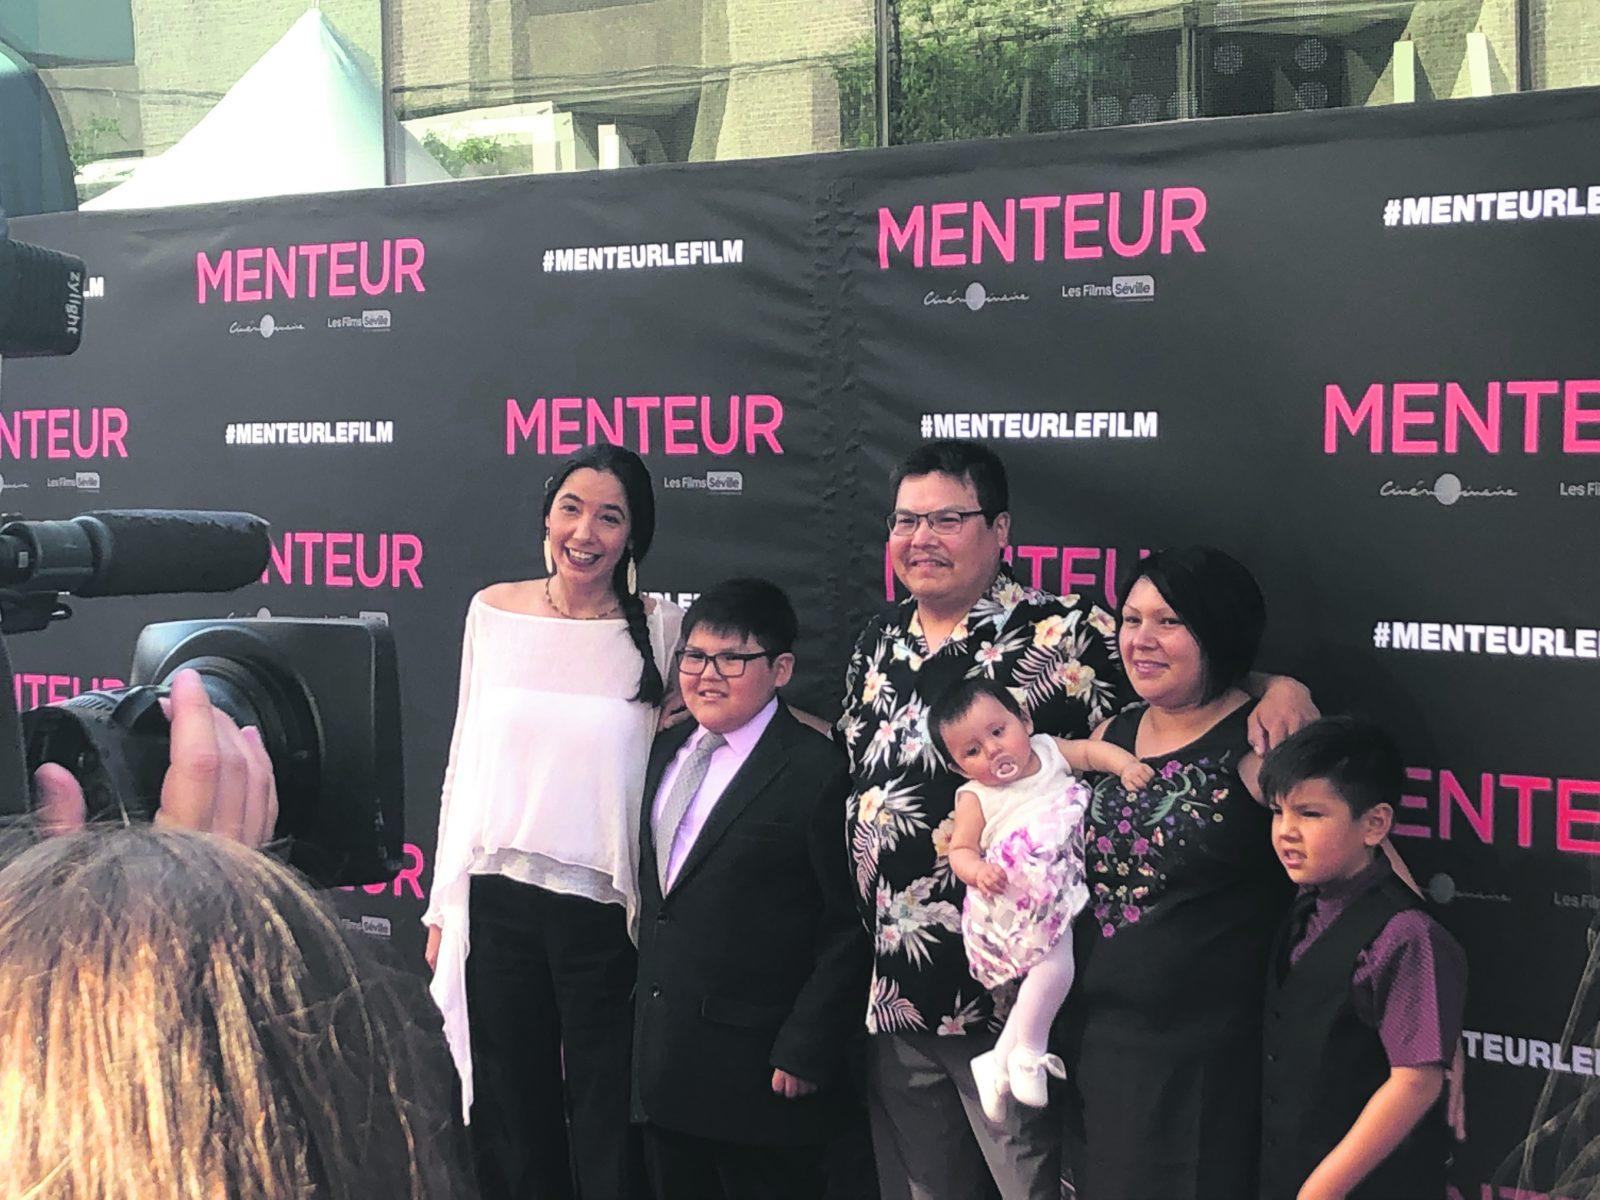 Le court-métrage d'un Innu de 10 ans diffusé en première partie du film <i>Menteur</i>